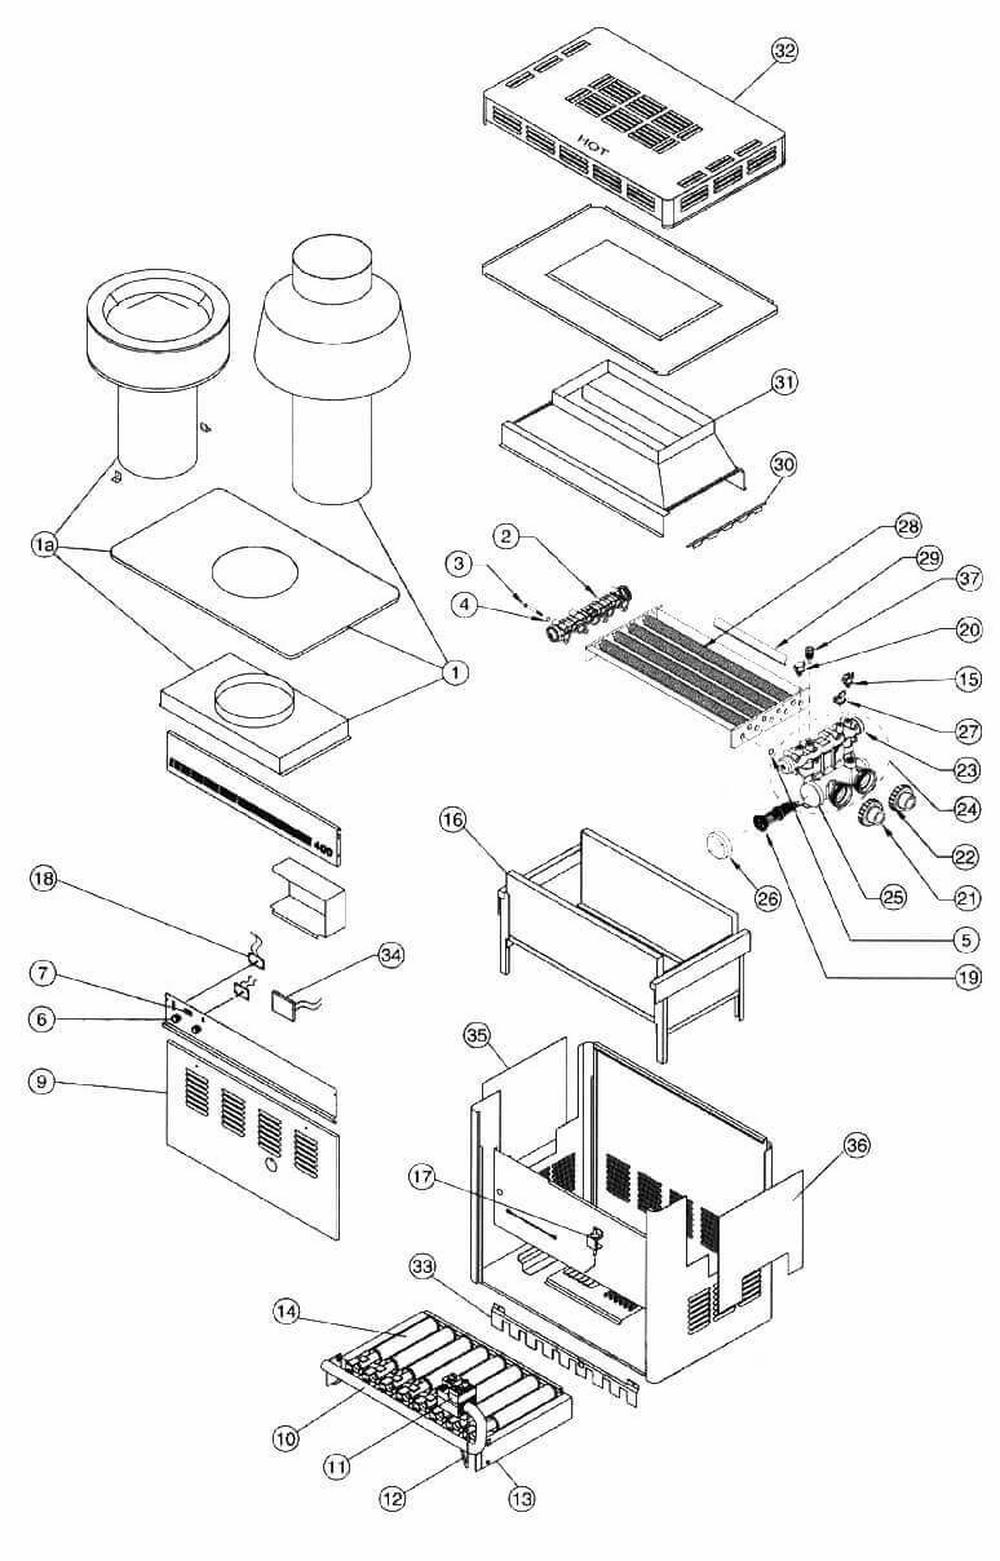 Purex Minimax CH Heater Page 2 image